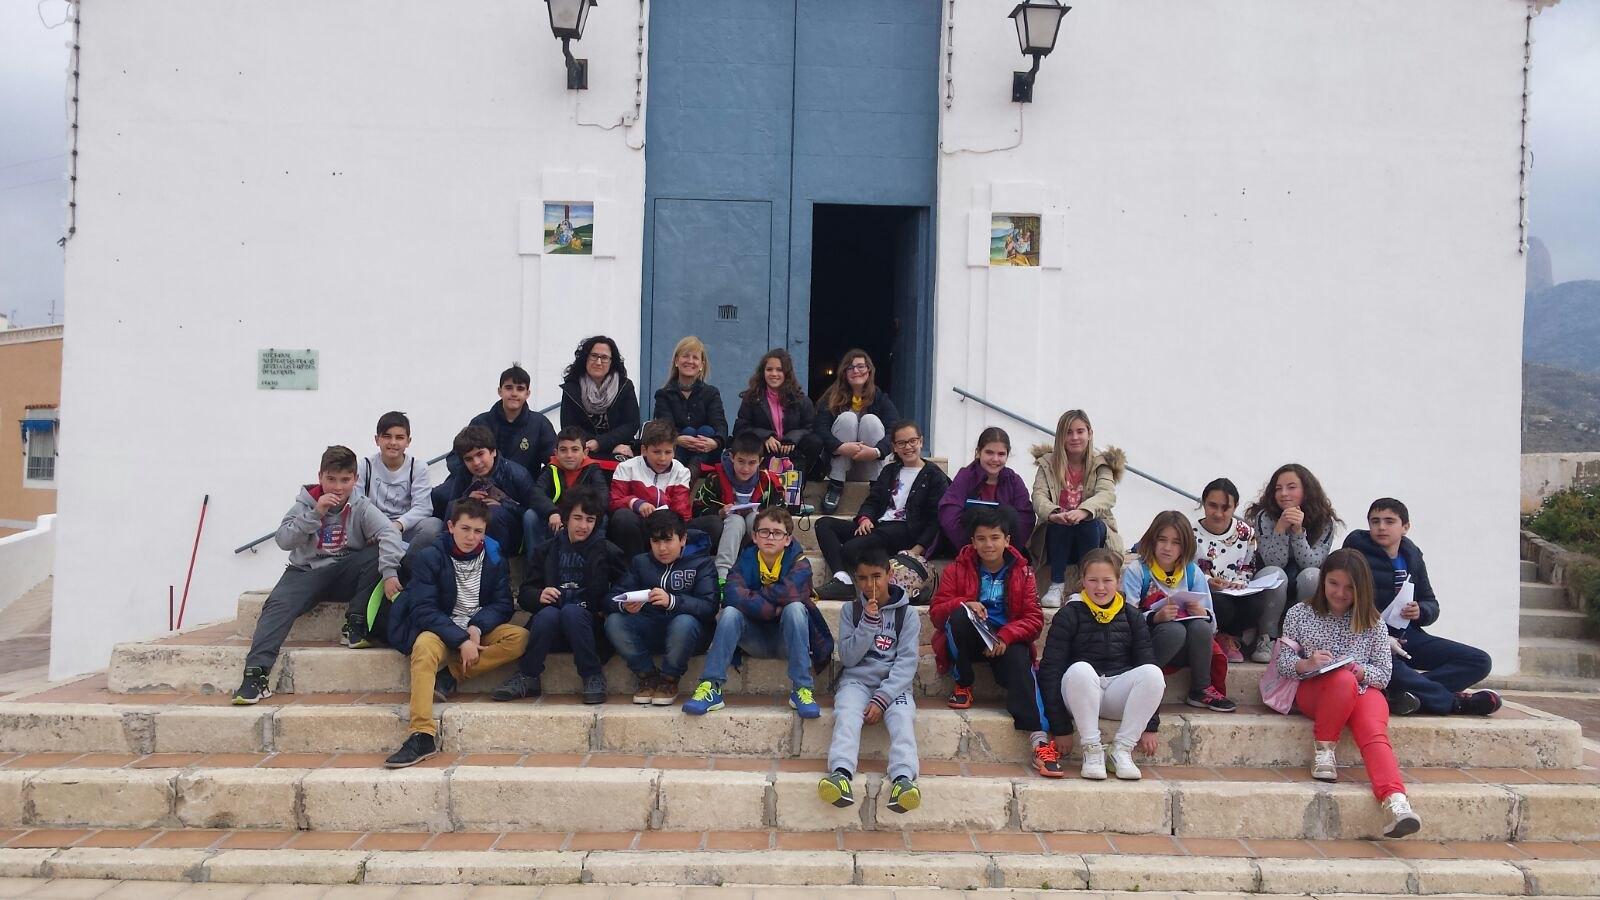 (2016-03-18) - aVisita ermita alumnos Pilar, profesora religión 9´Octubre - María Isabel Berenguer Brotons (11)